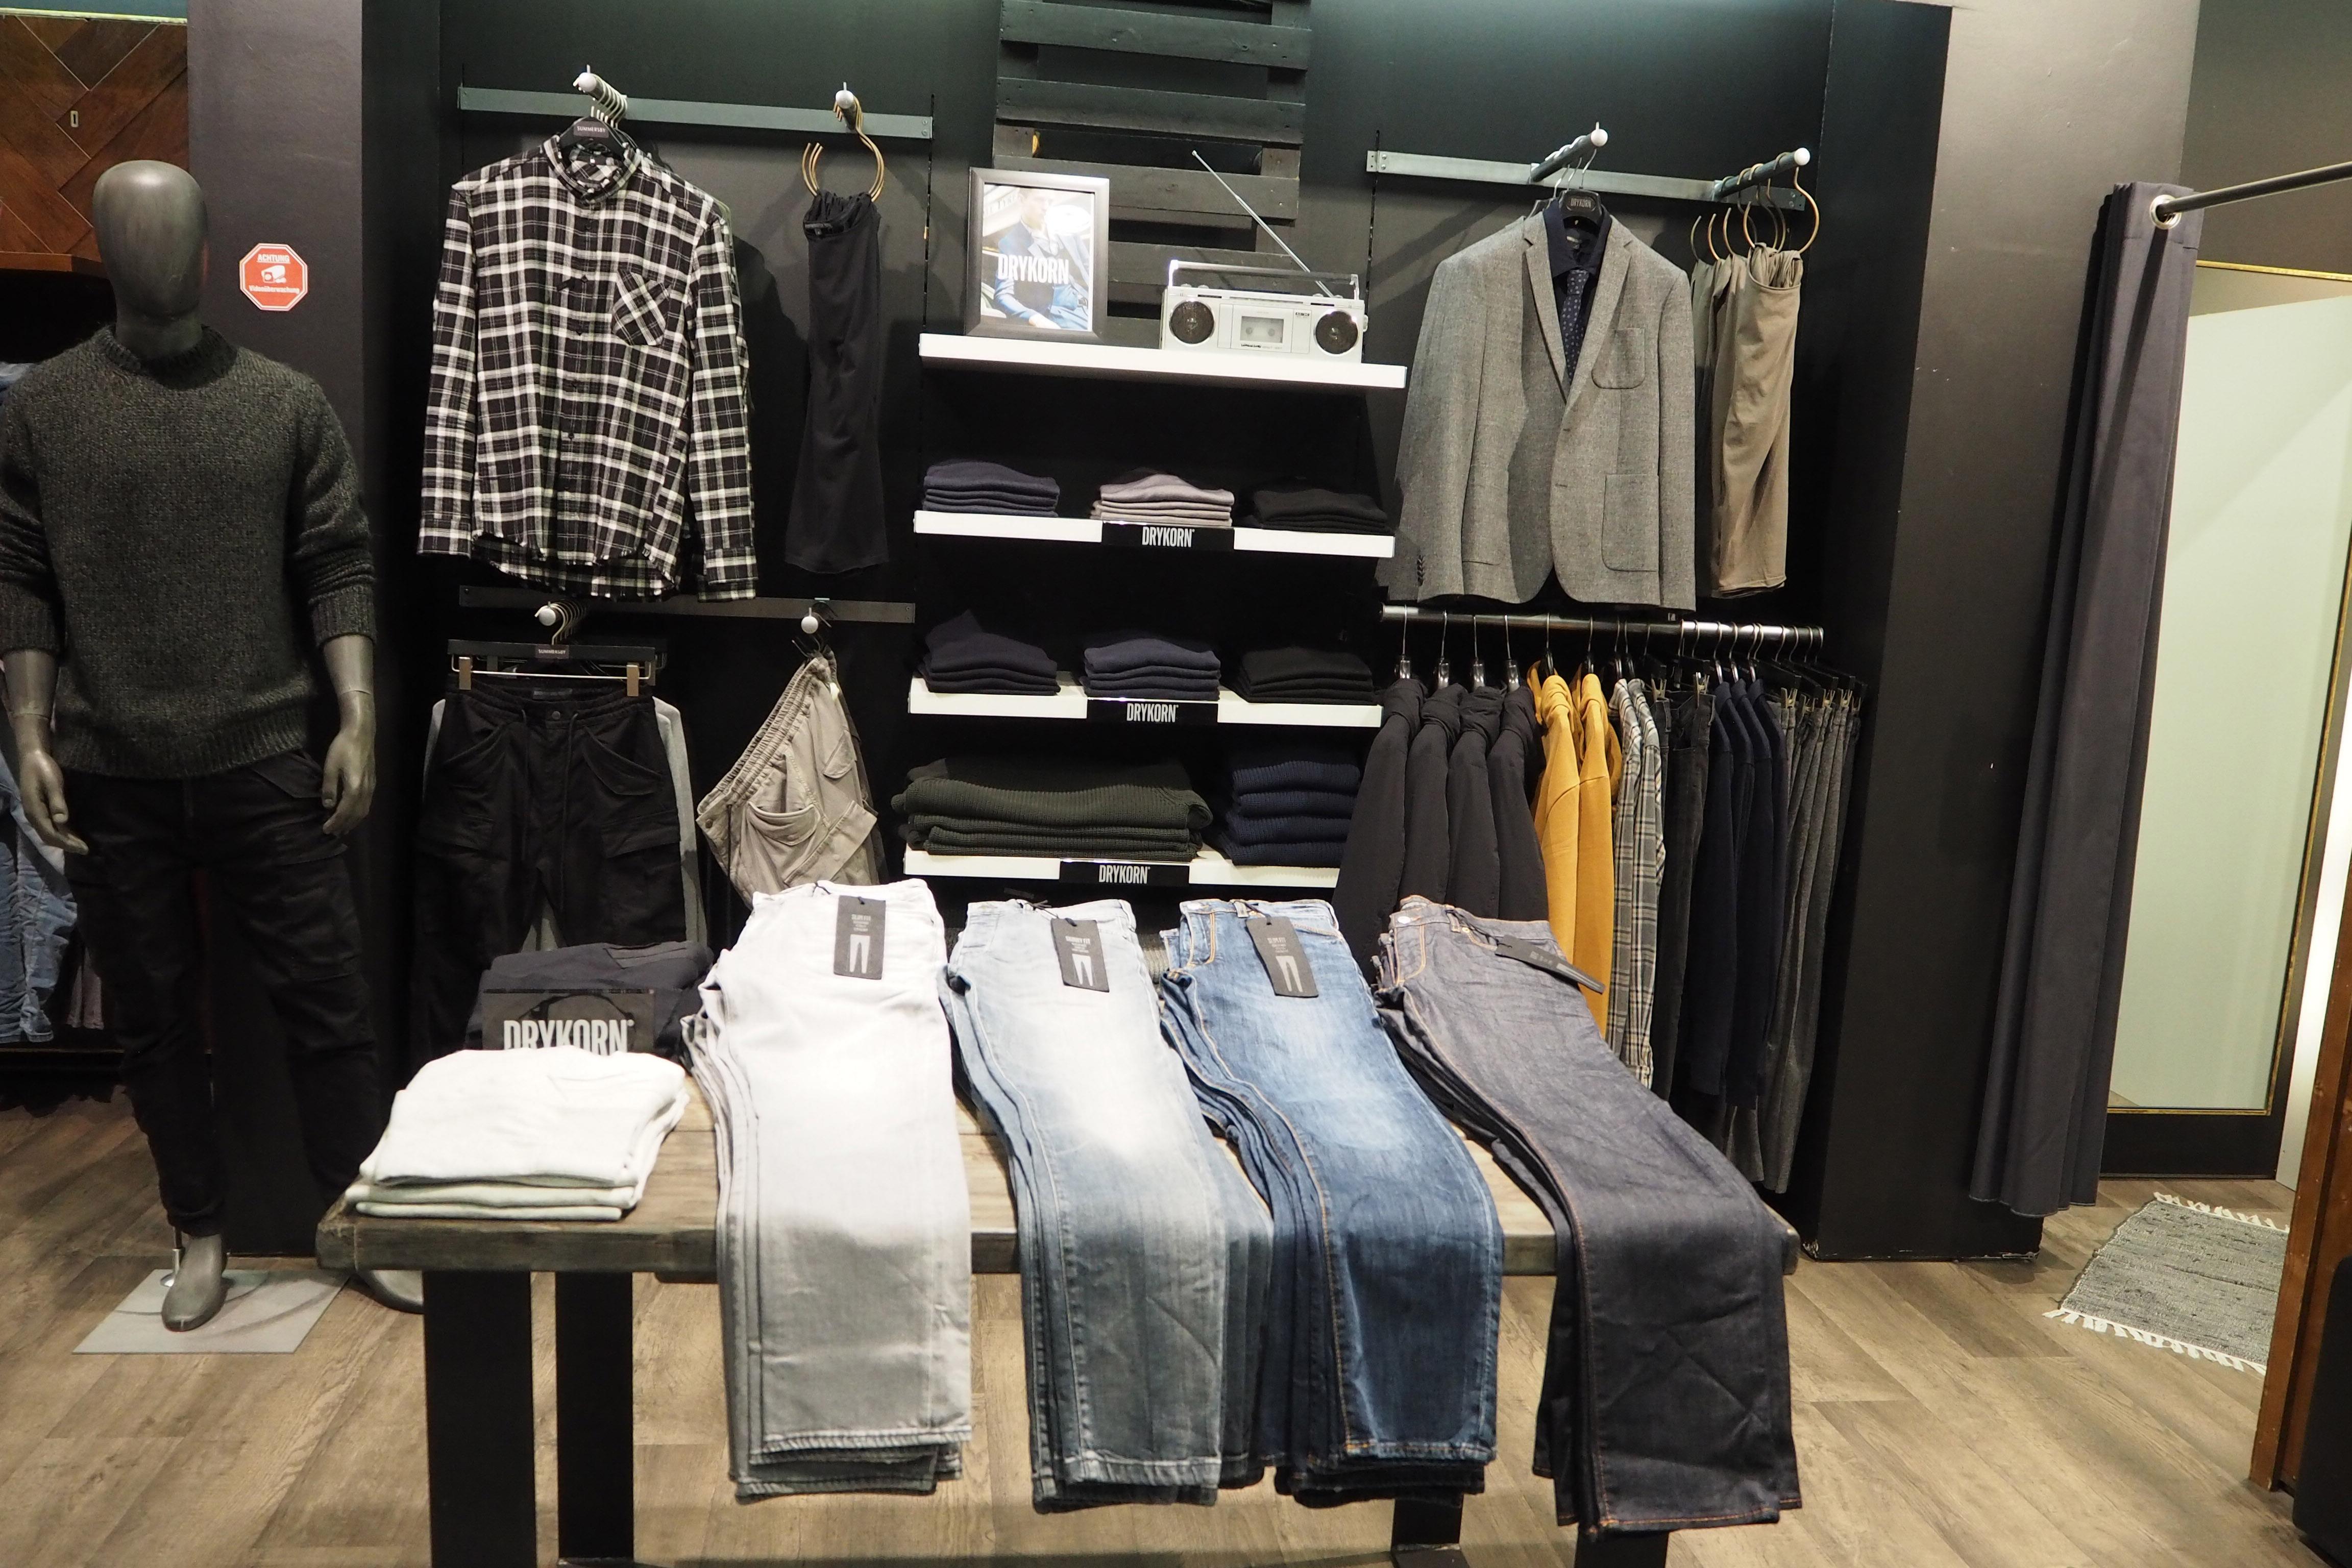 Hier gibt es neben Alltagsmode auch schickere Kleidungsstücke. Foto: Summersby